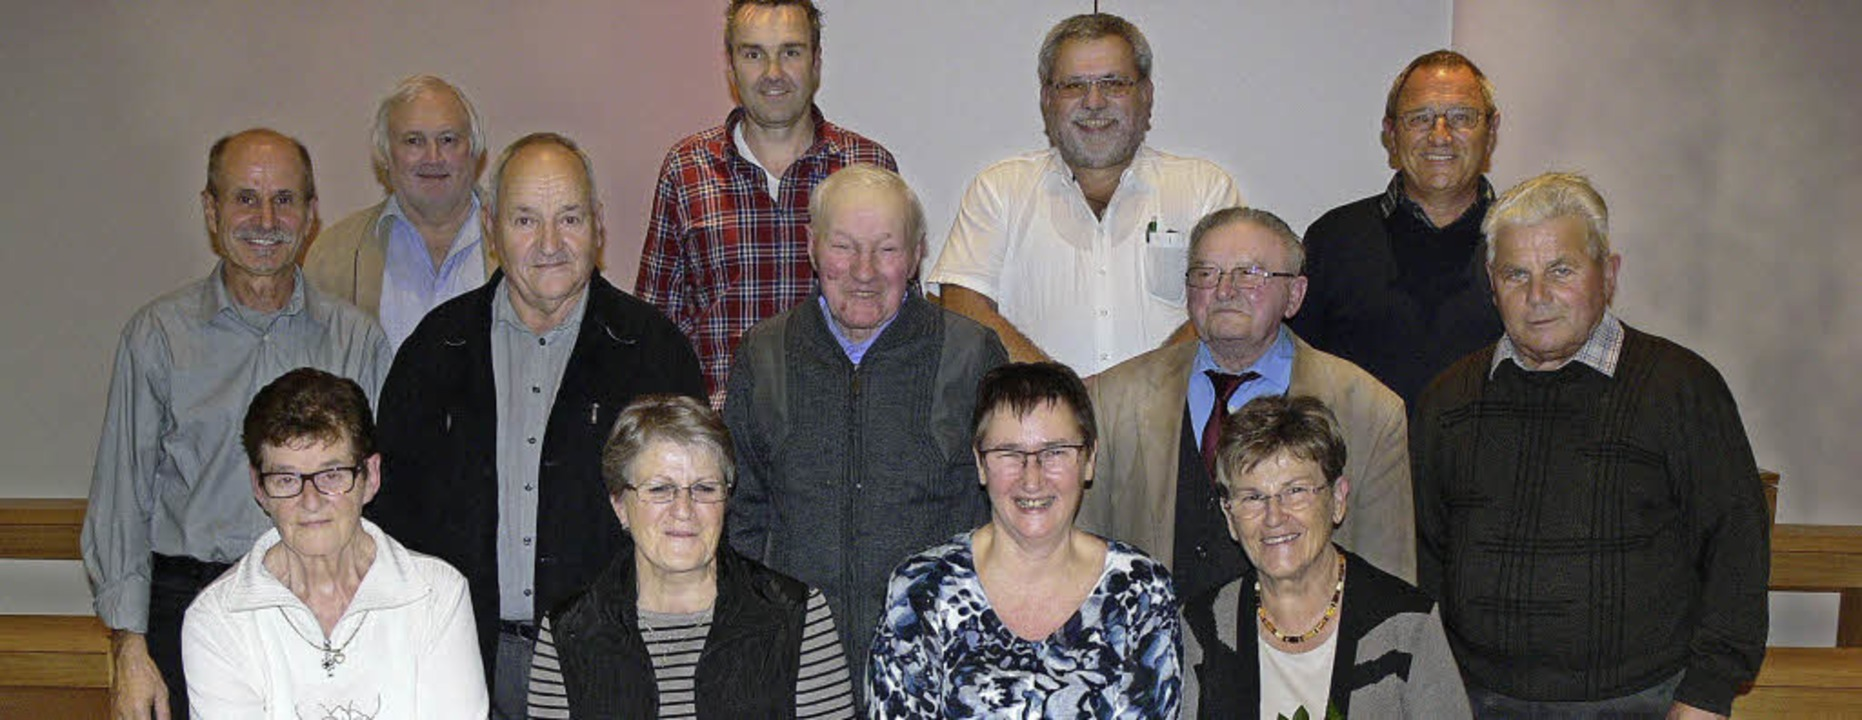 Seit Jahrzehnten im Kirchenchor: geehrte Sängerinnen und Sänger in Dundenheim     Foto: dieter fink